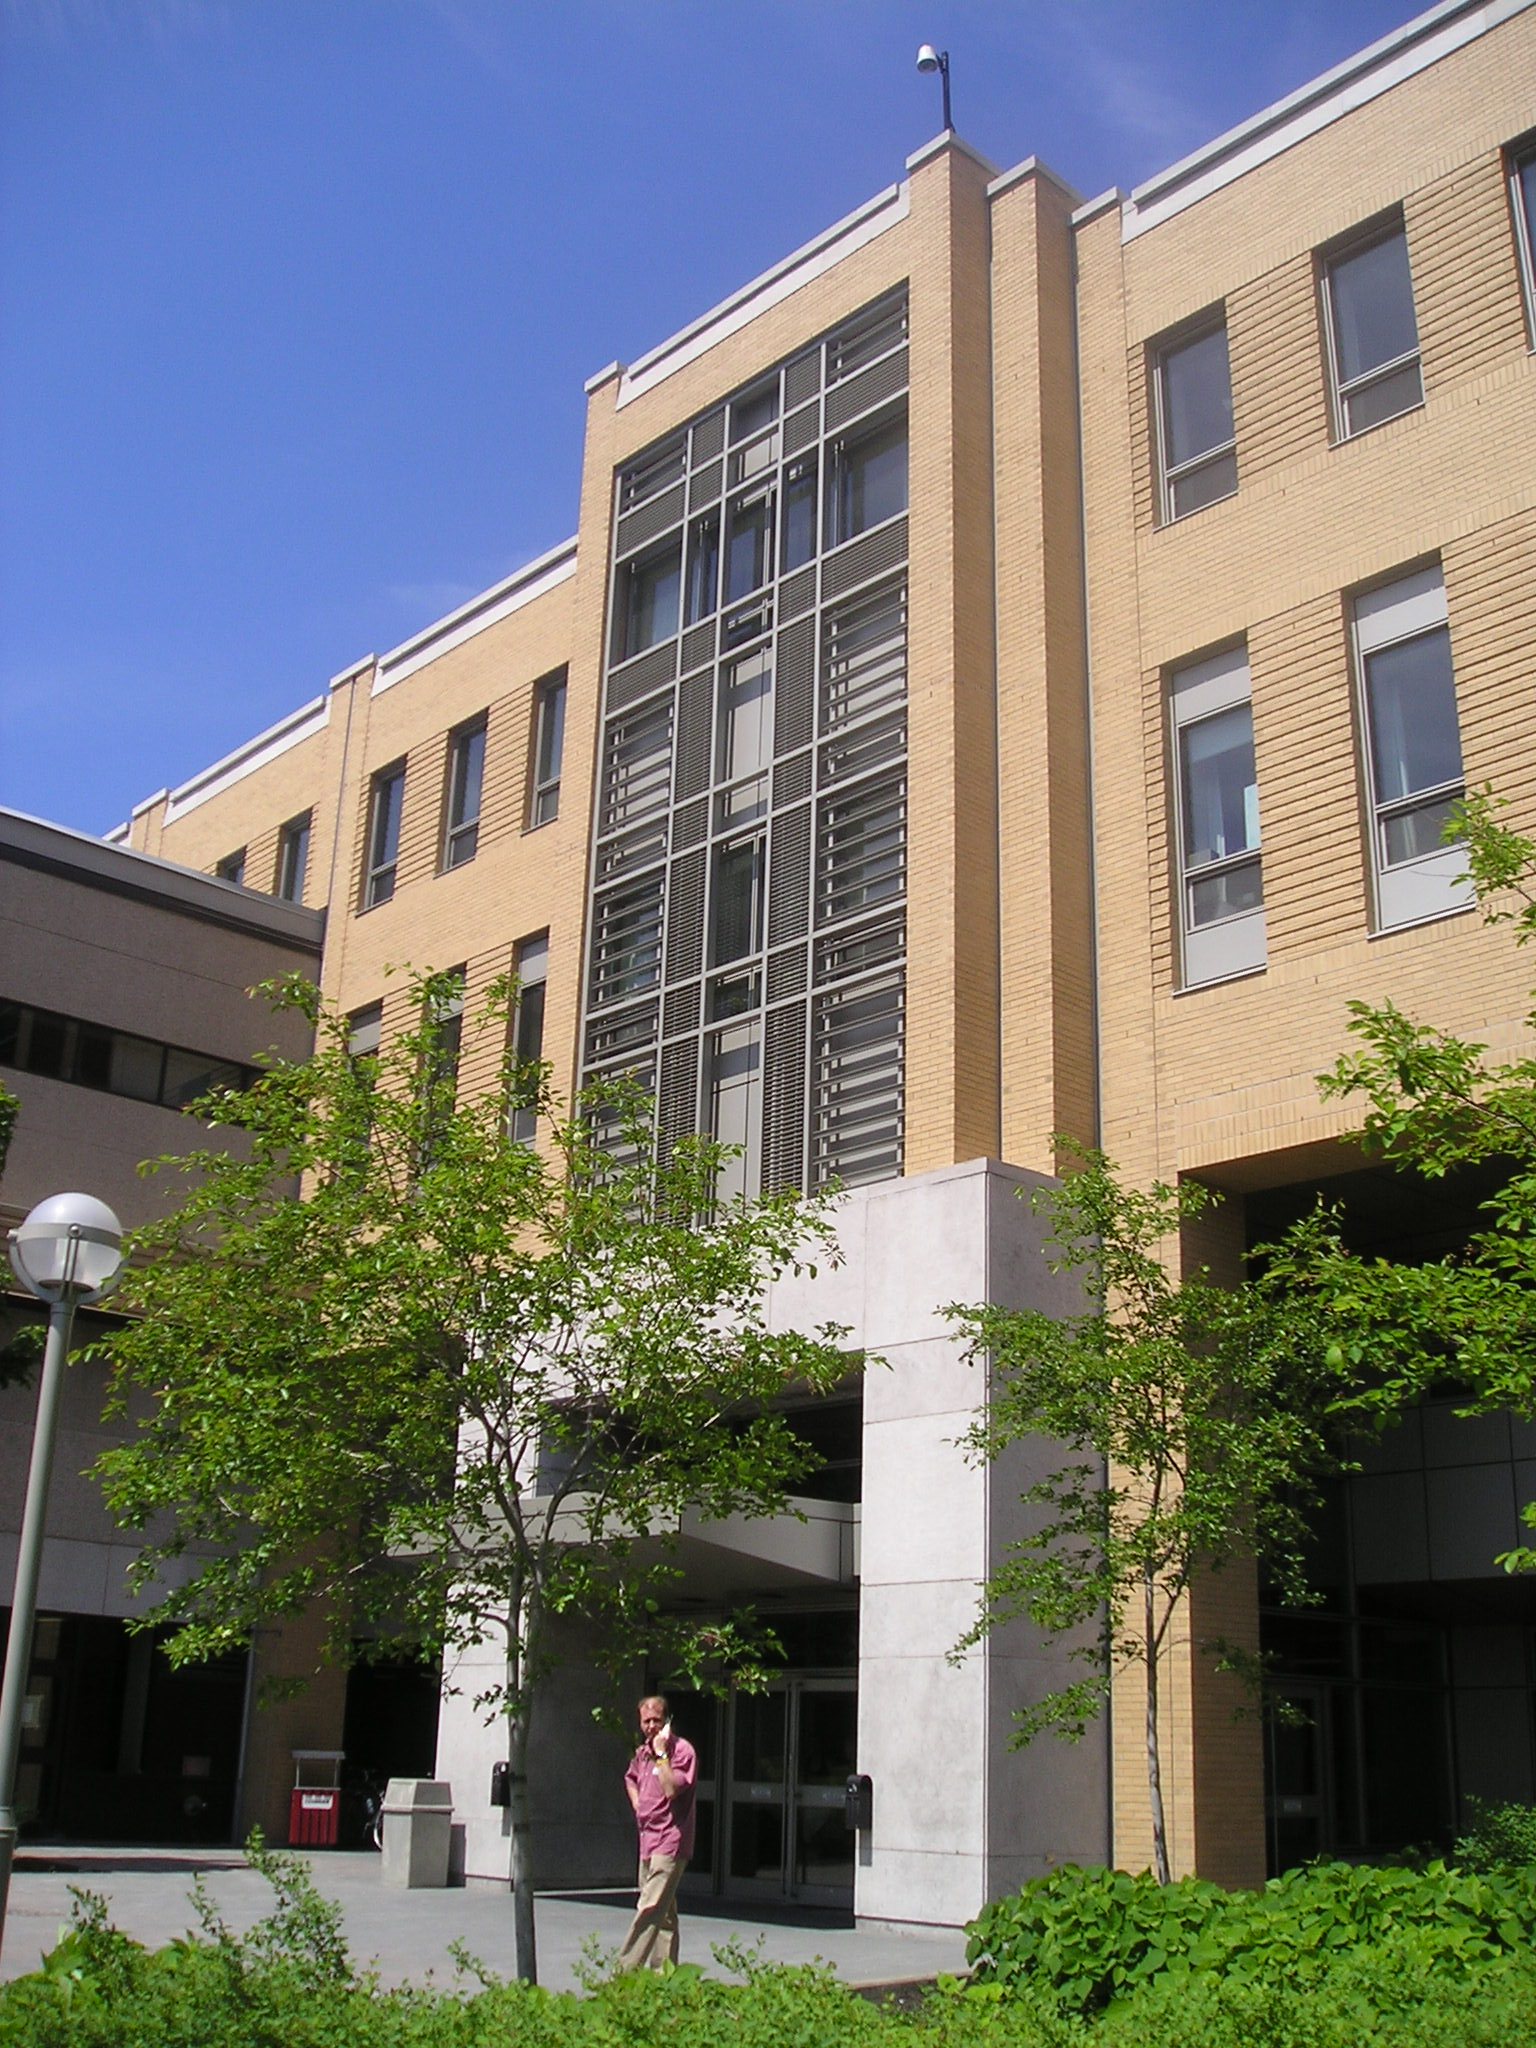 Agrandissement de l'hôpital de l'Enfant-Jésus  Année :1997  | Budget: 40,8M$